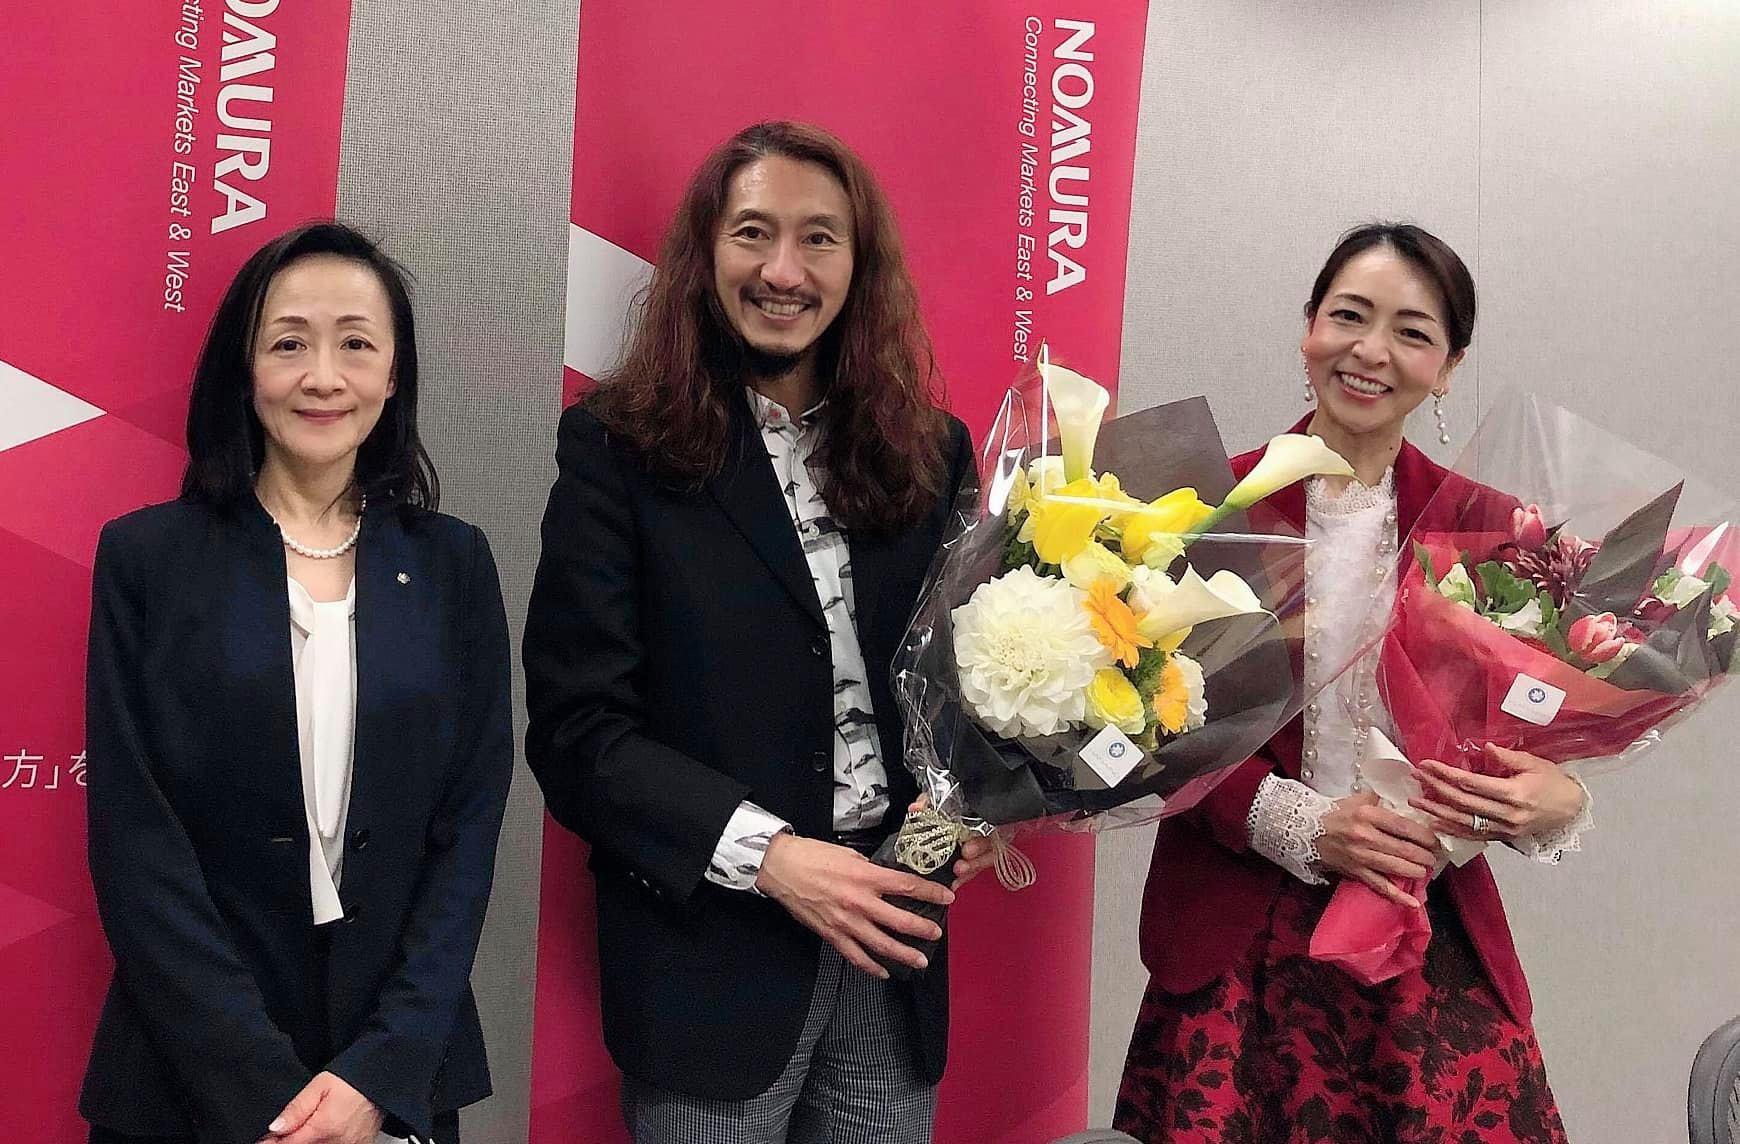 【ダイバーシティ&インクリュージョン WINネットワーク】2021/3/8